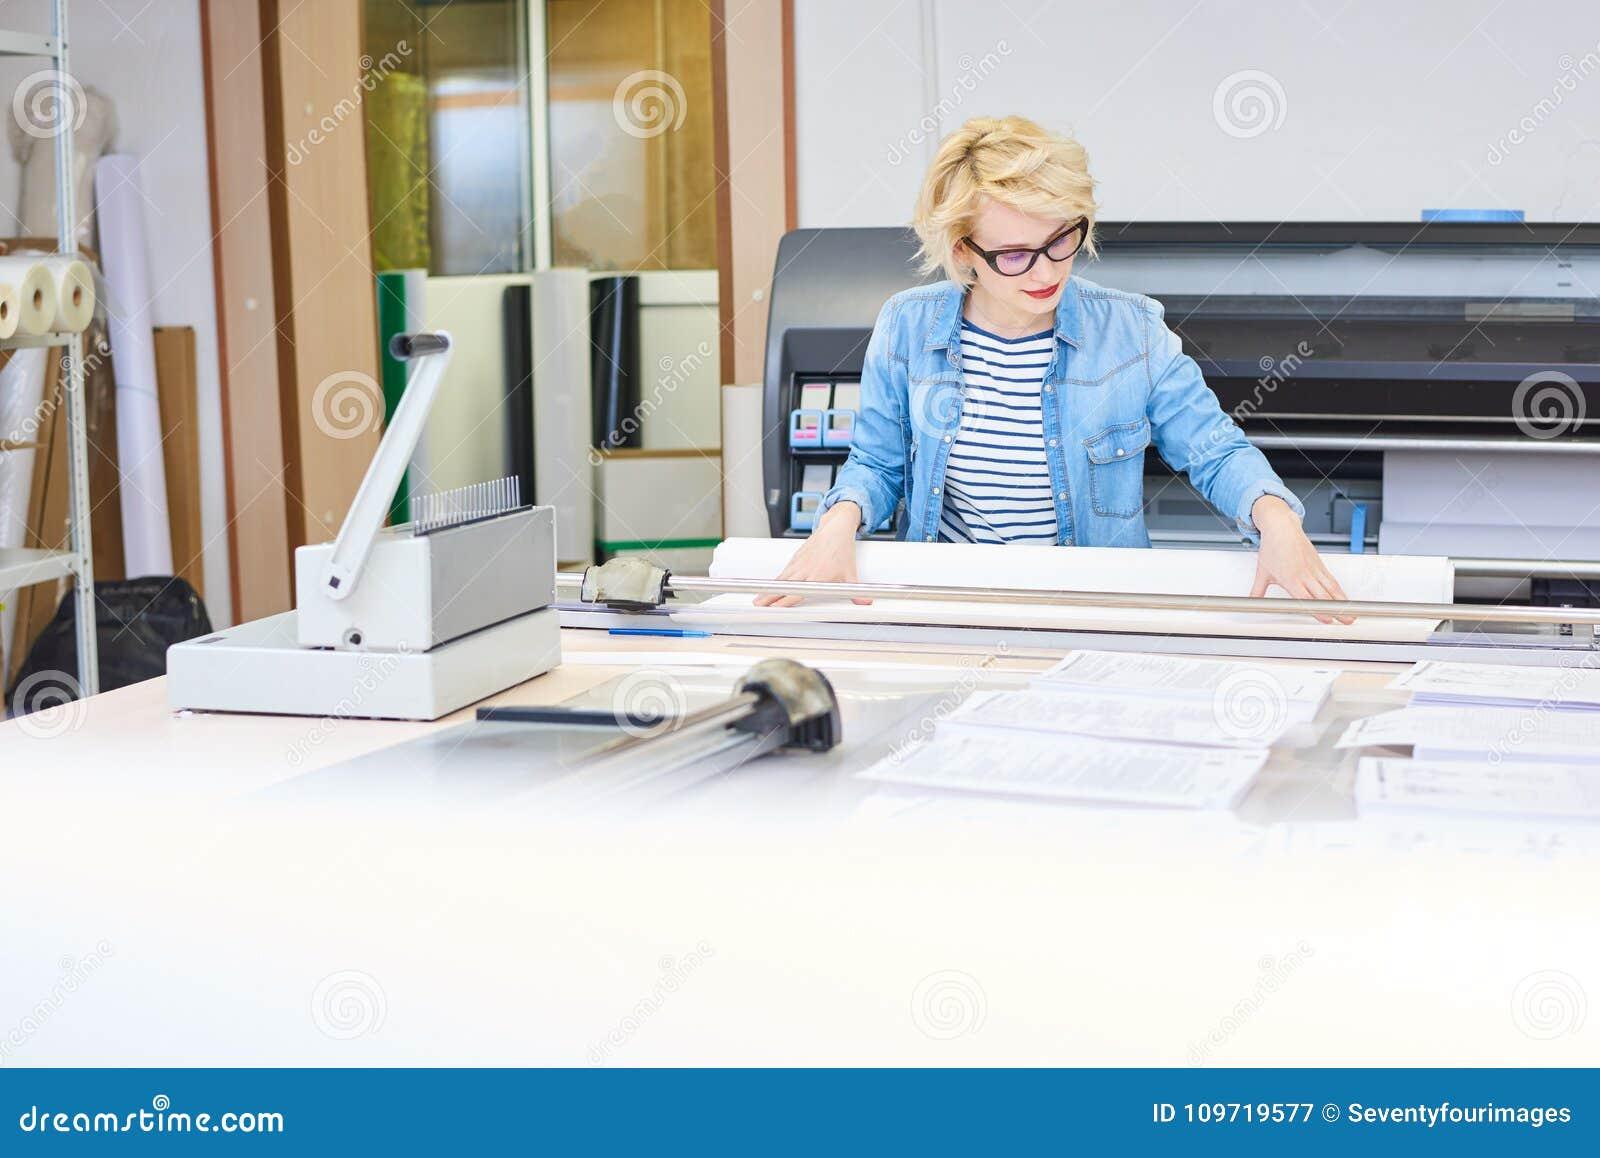 Νέα γυναίκα που εργάζεται Printshop